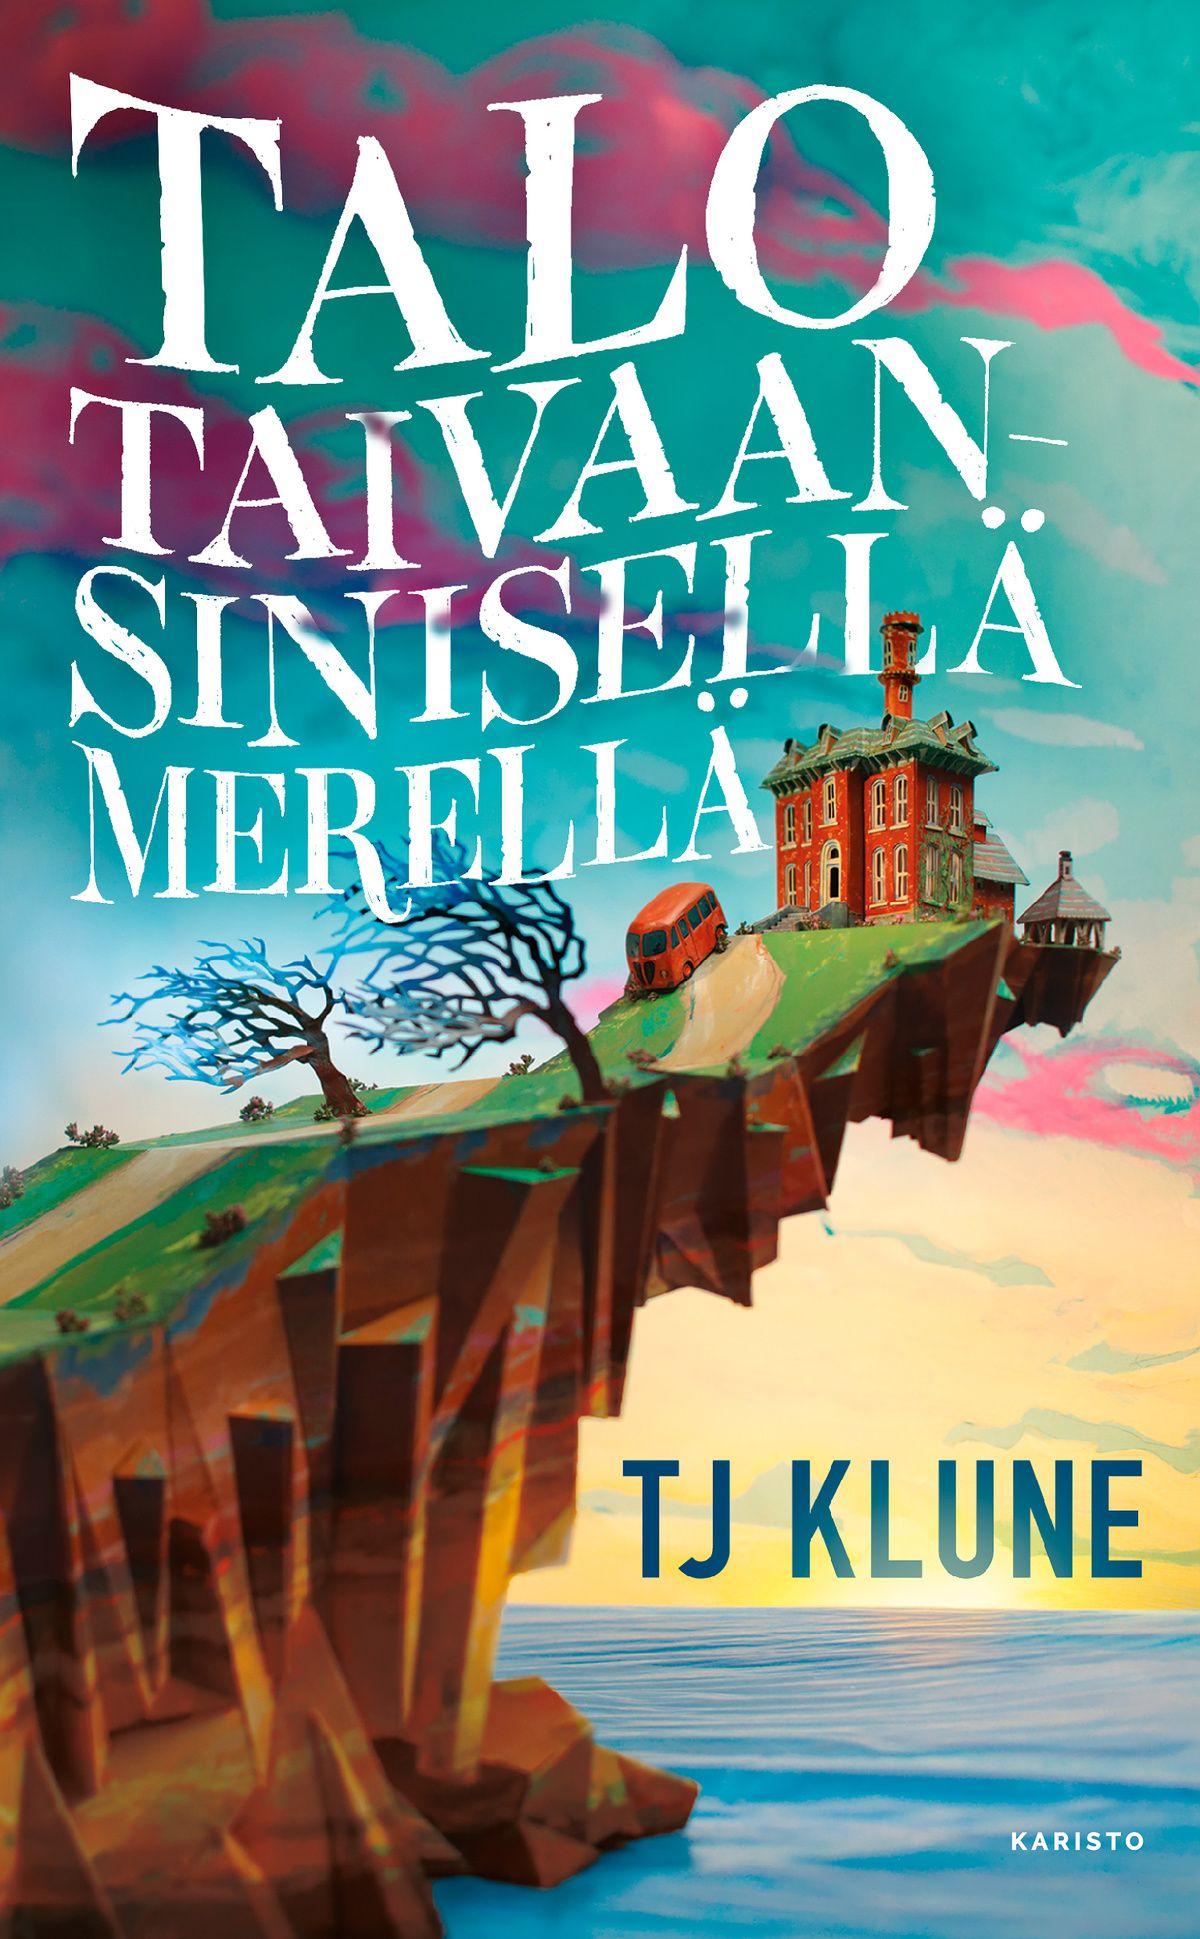 Talo taivaansinisellä merellä by T.J. Klune